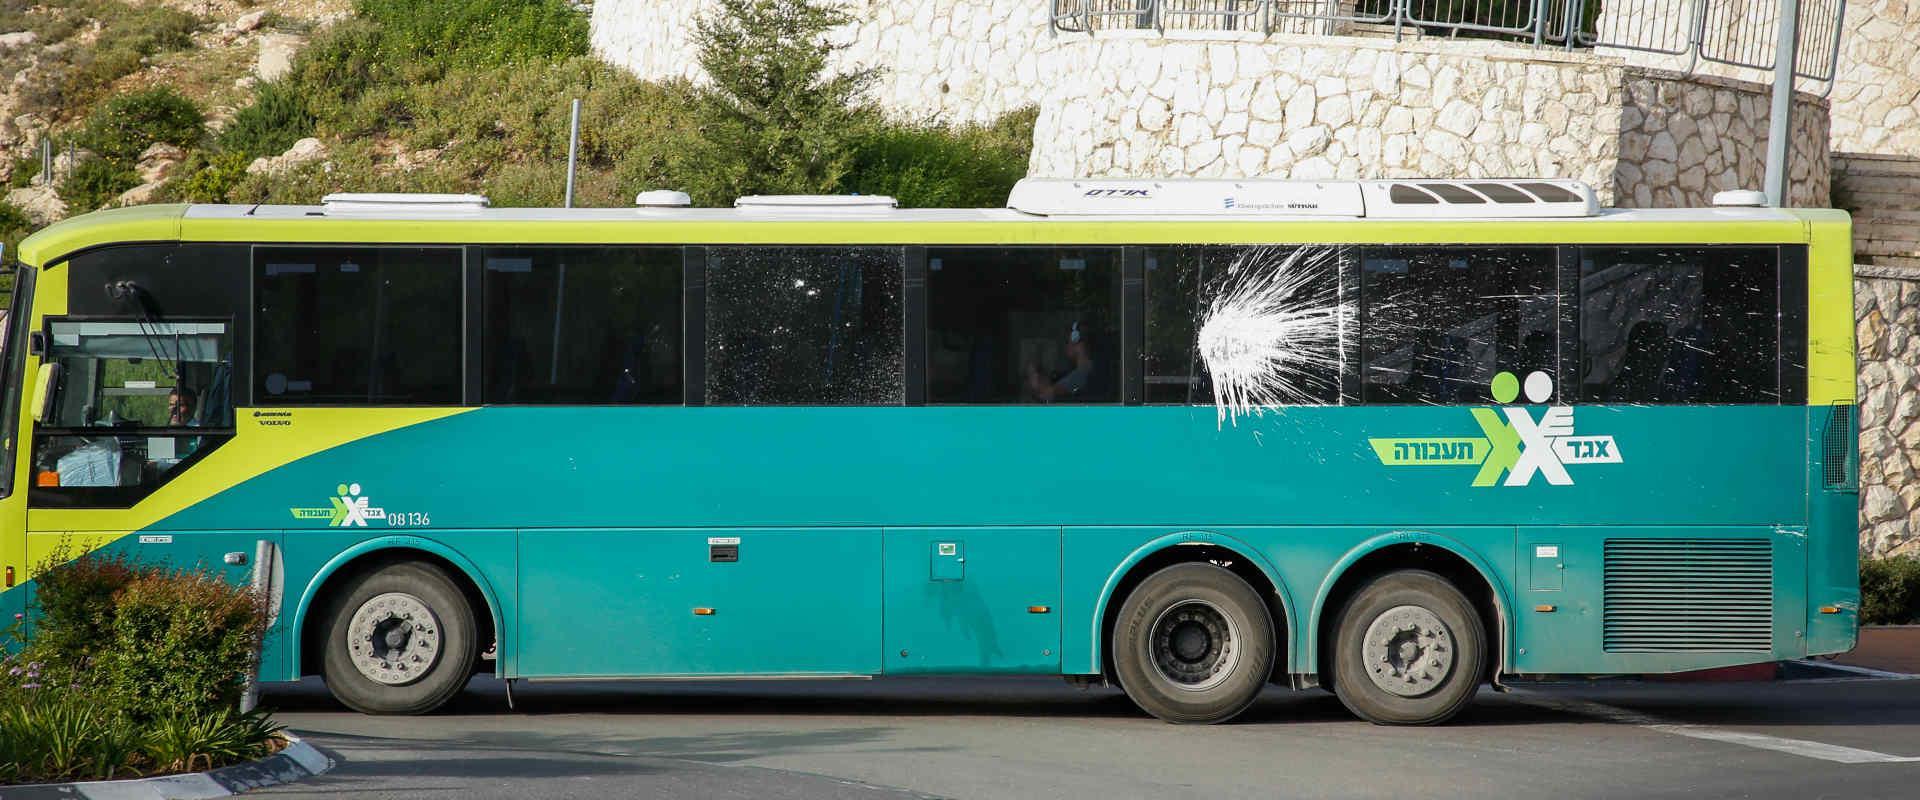 אוטובוס של אגד תעבורה, ארכיון